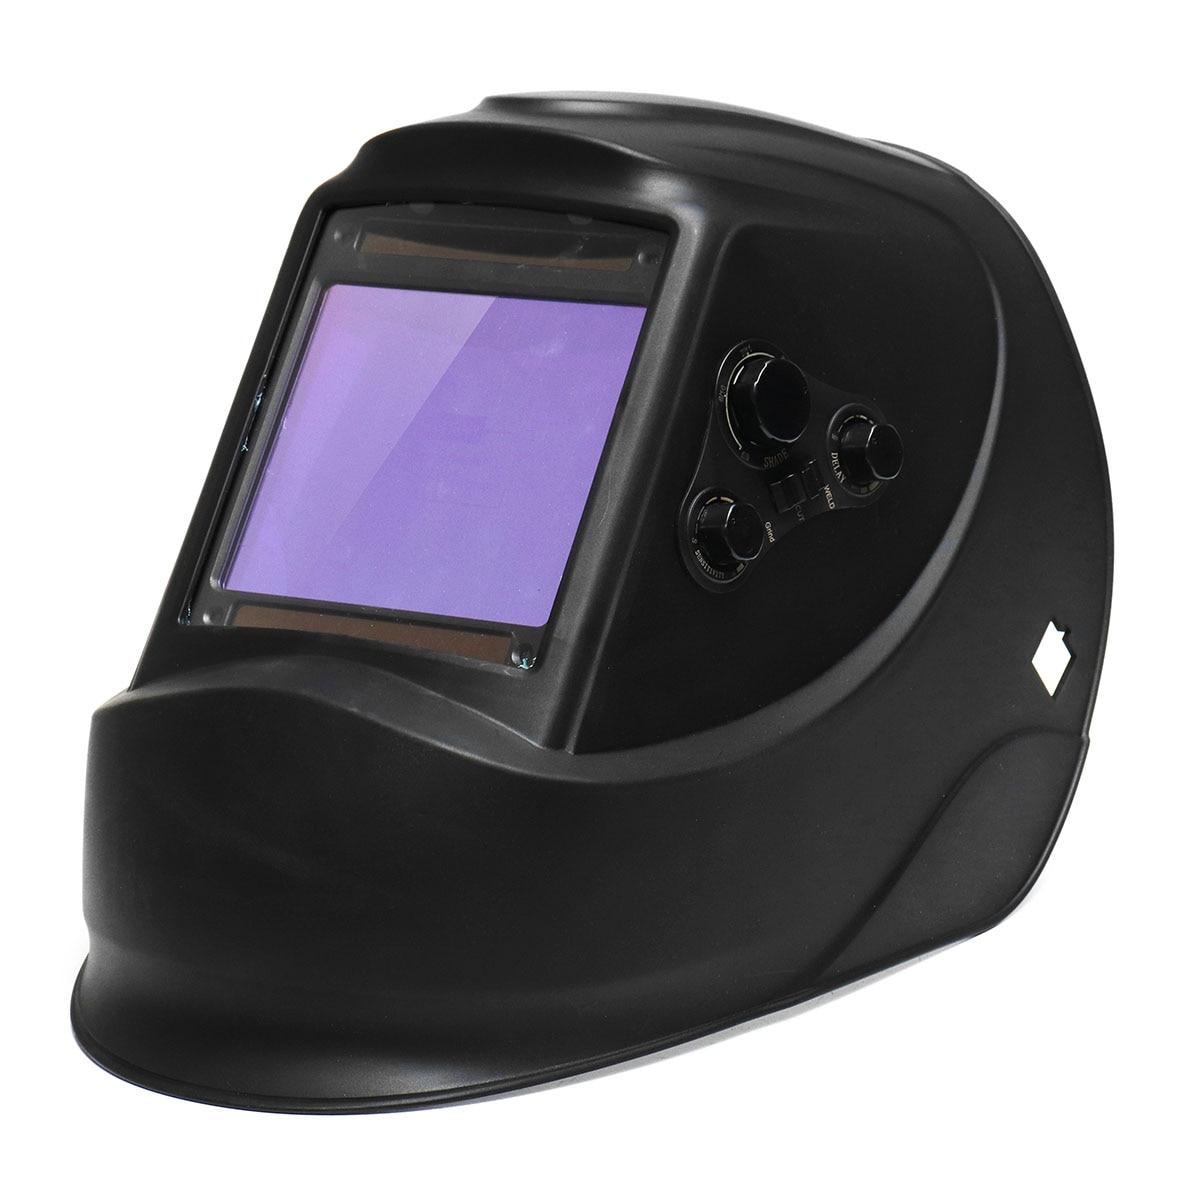 Big View Solar Auto Darkening Welding Helmet Mask 4 Arc Sensor DIN5-DIN13 TIG MIG MMA Grinding Welding Cap/Welder Glasses